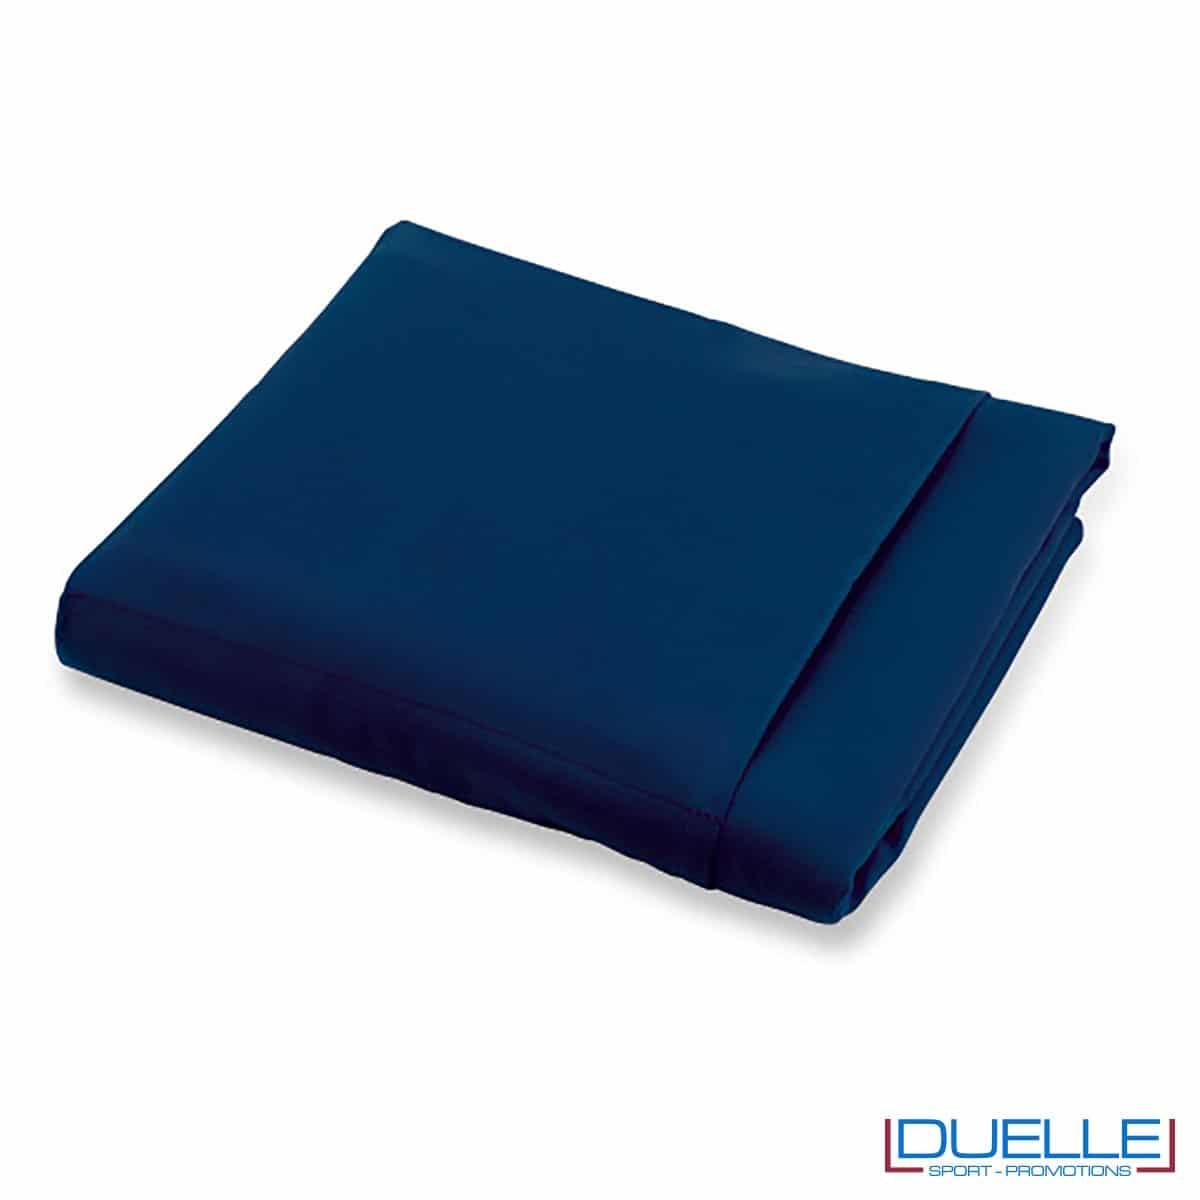 telo personalizzato in microfibra colore blu navy